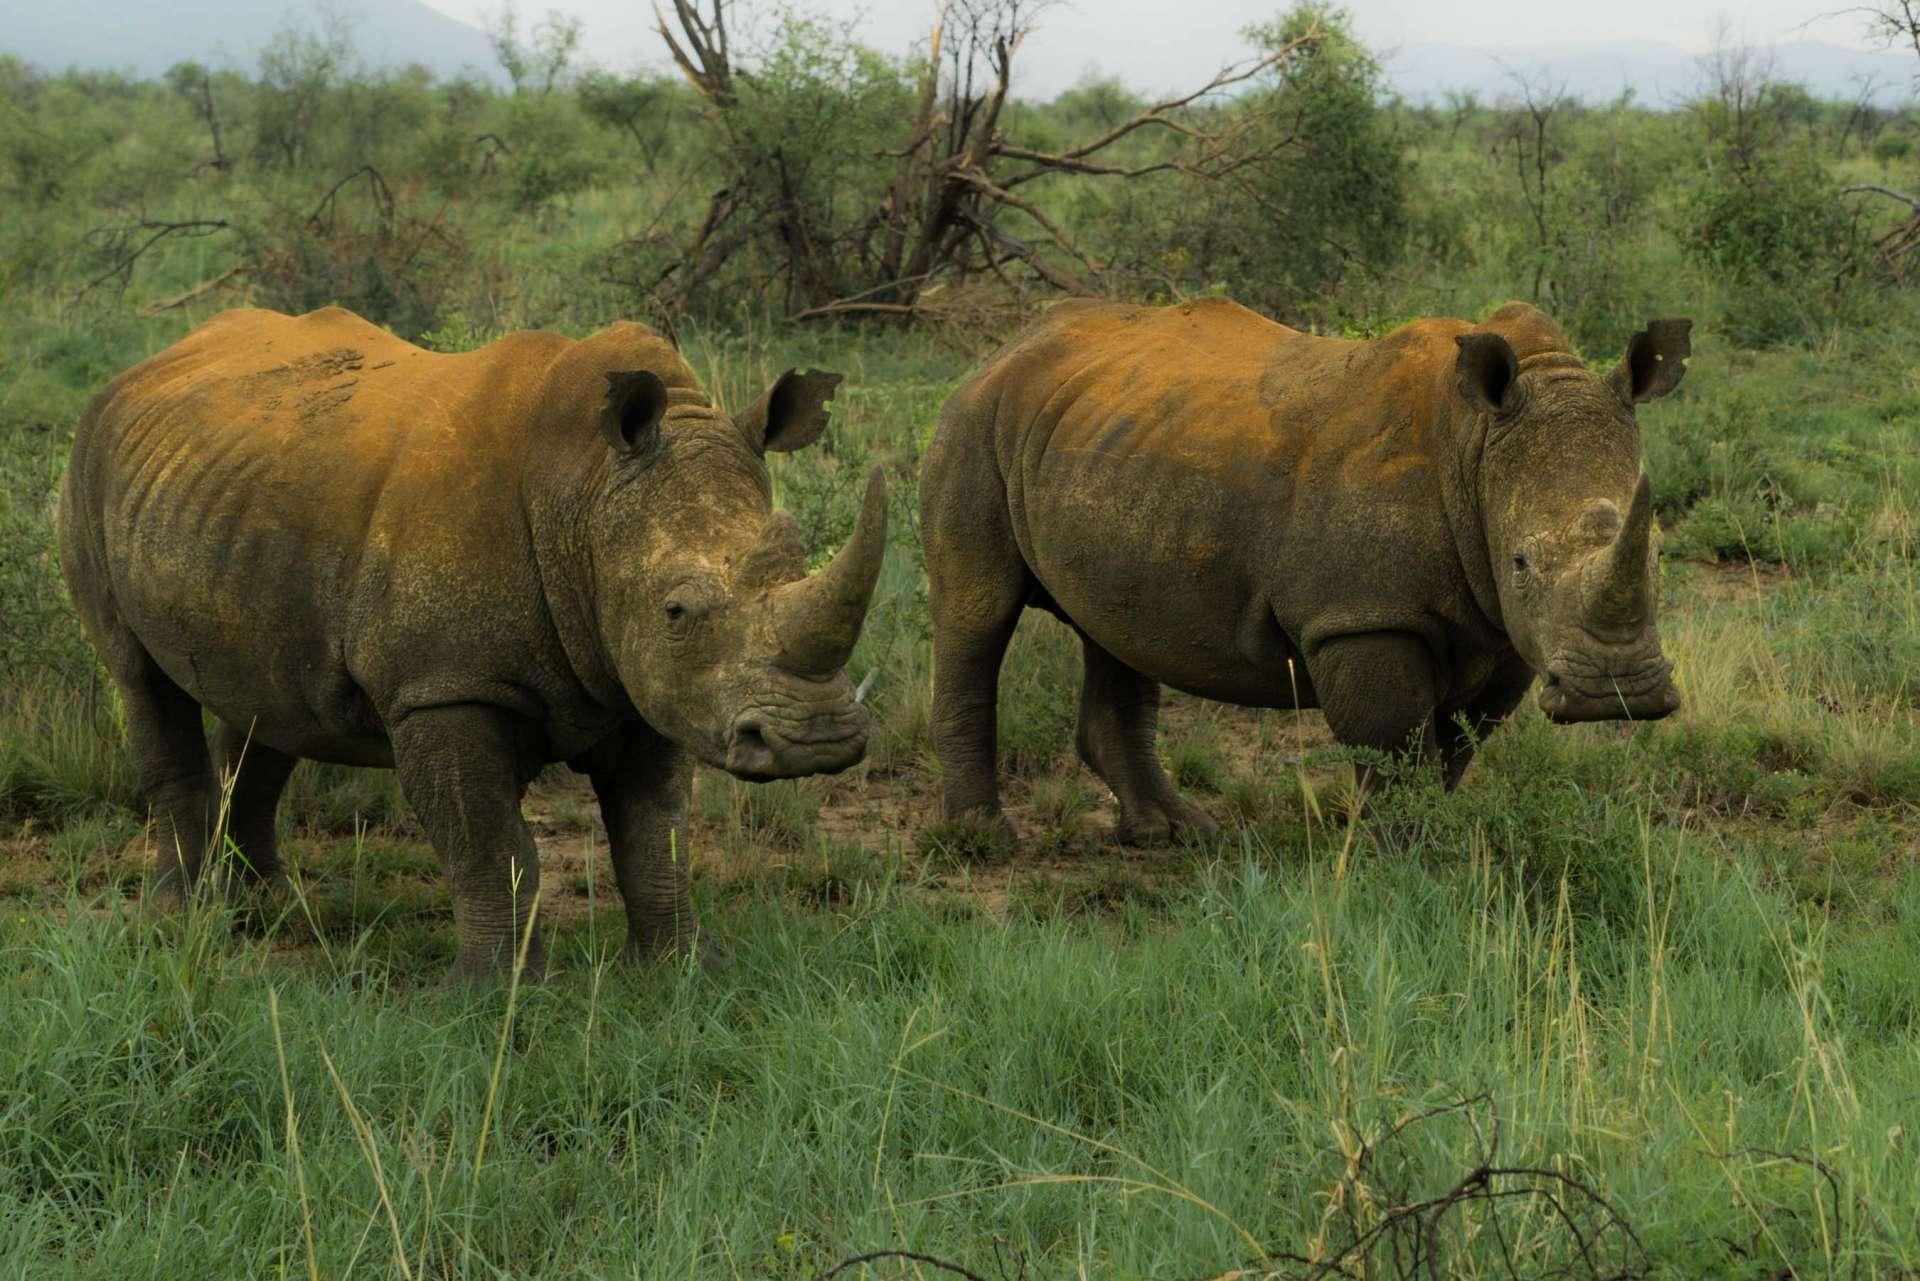 south africa madikwe safari pescart rhino